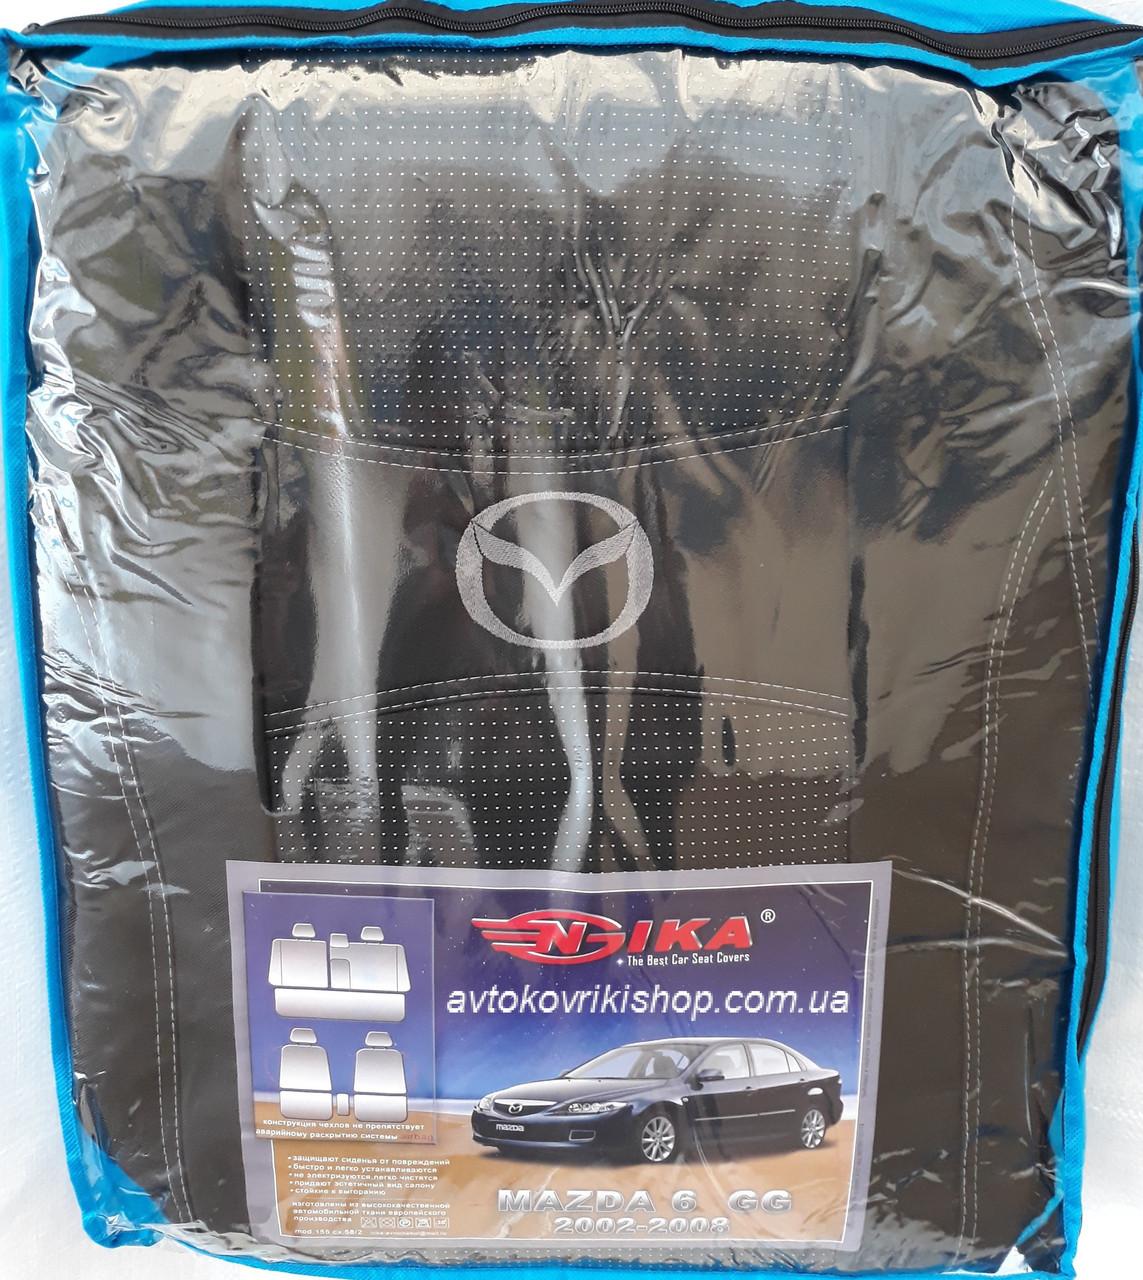 Авточехлы Mazda 6 GG 2002-2008 Nika